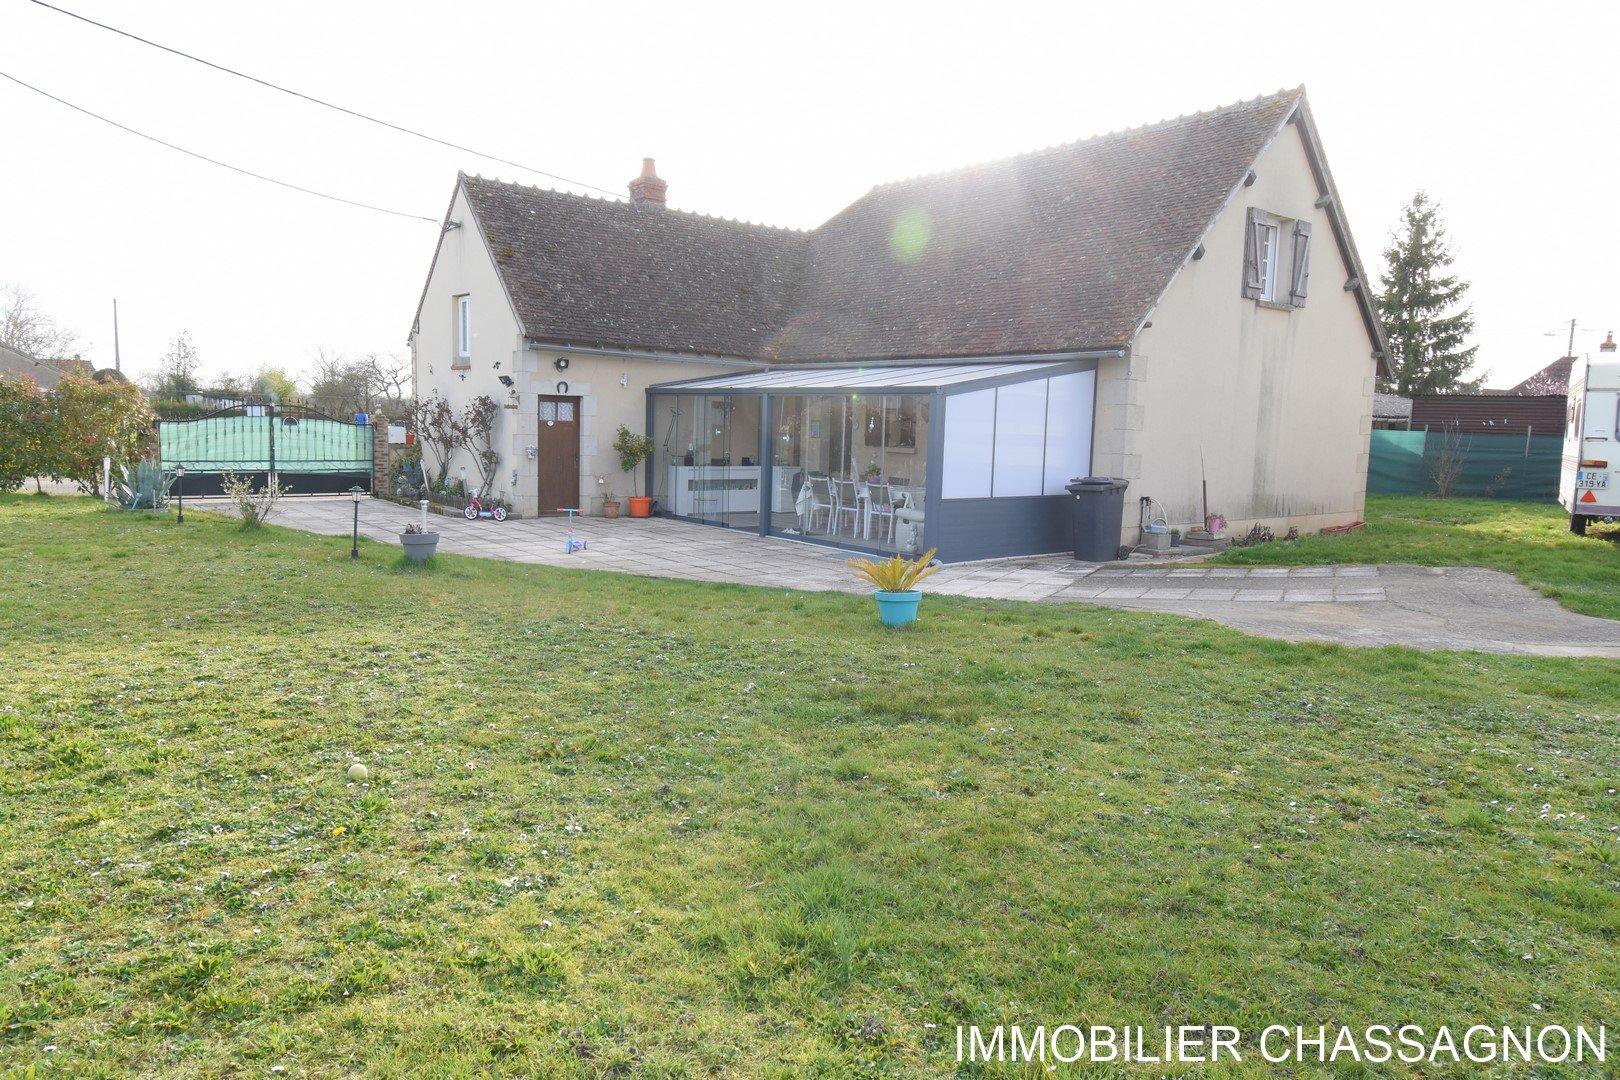 VENTE-4689-CHASSAGNON-moulins